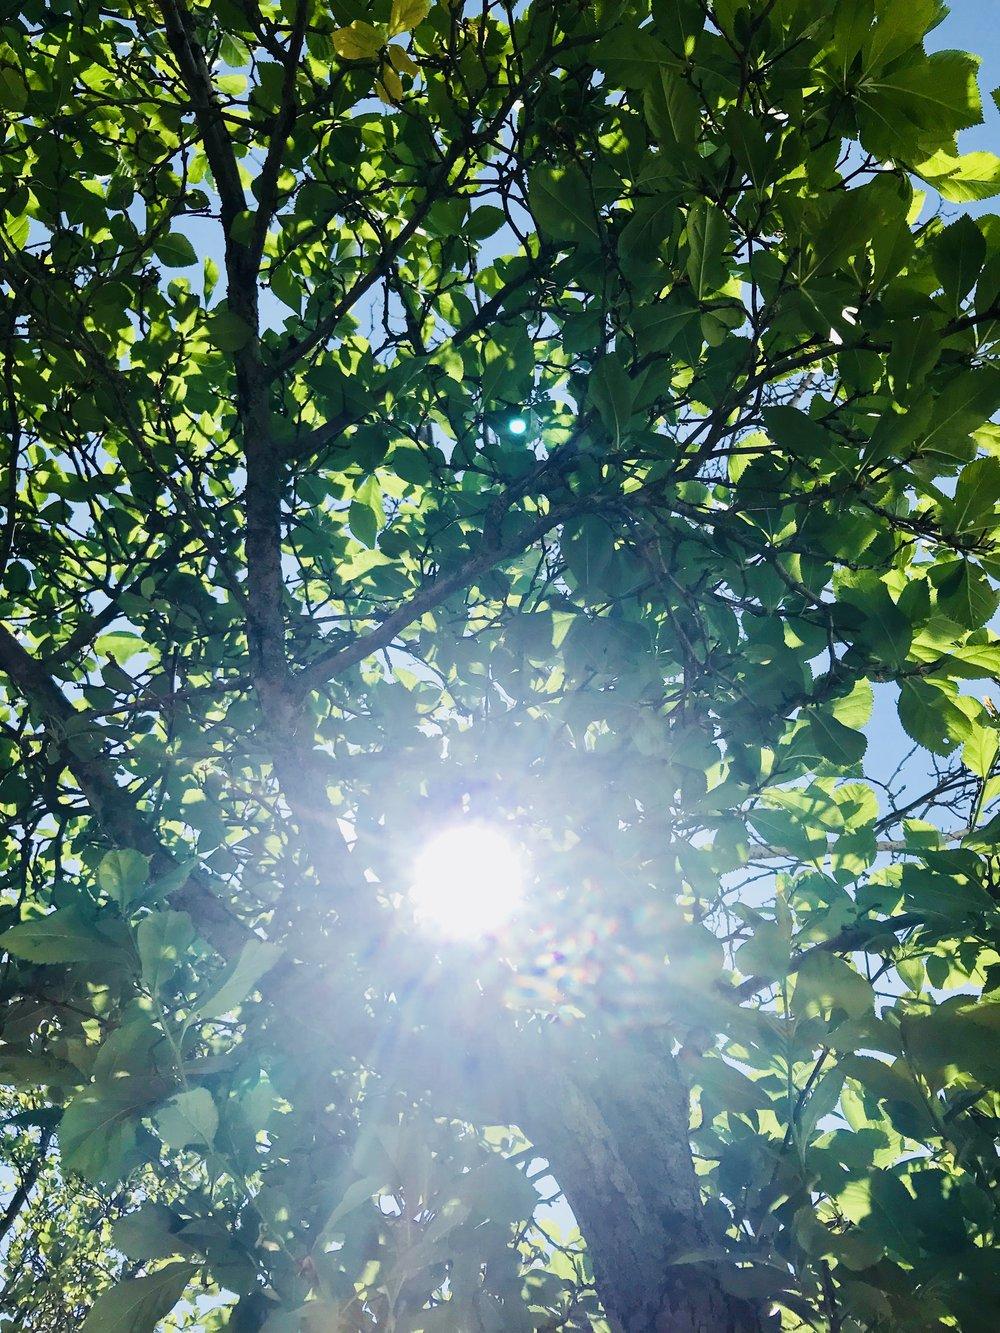 Lader du solen skinne på dine medarbejdere? Trives de og udvikles de?